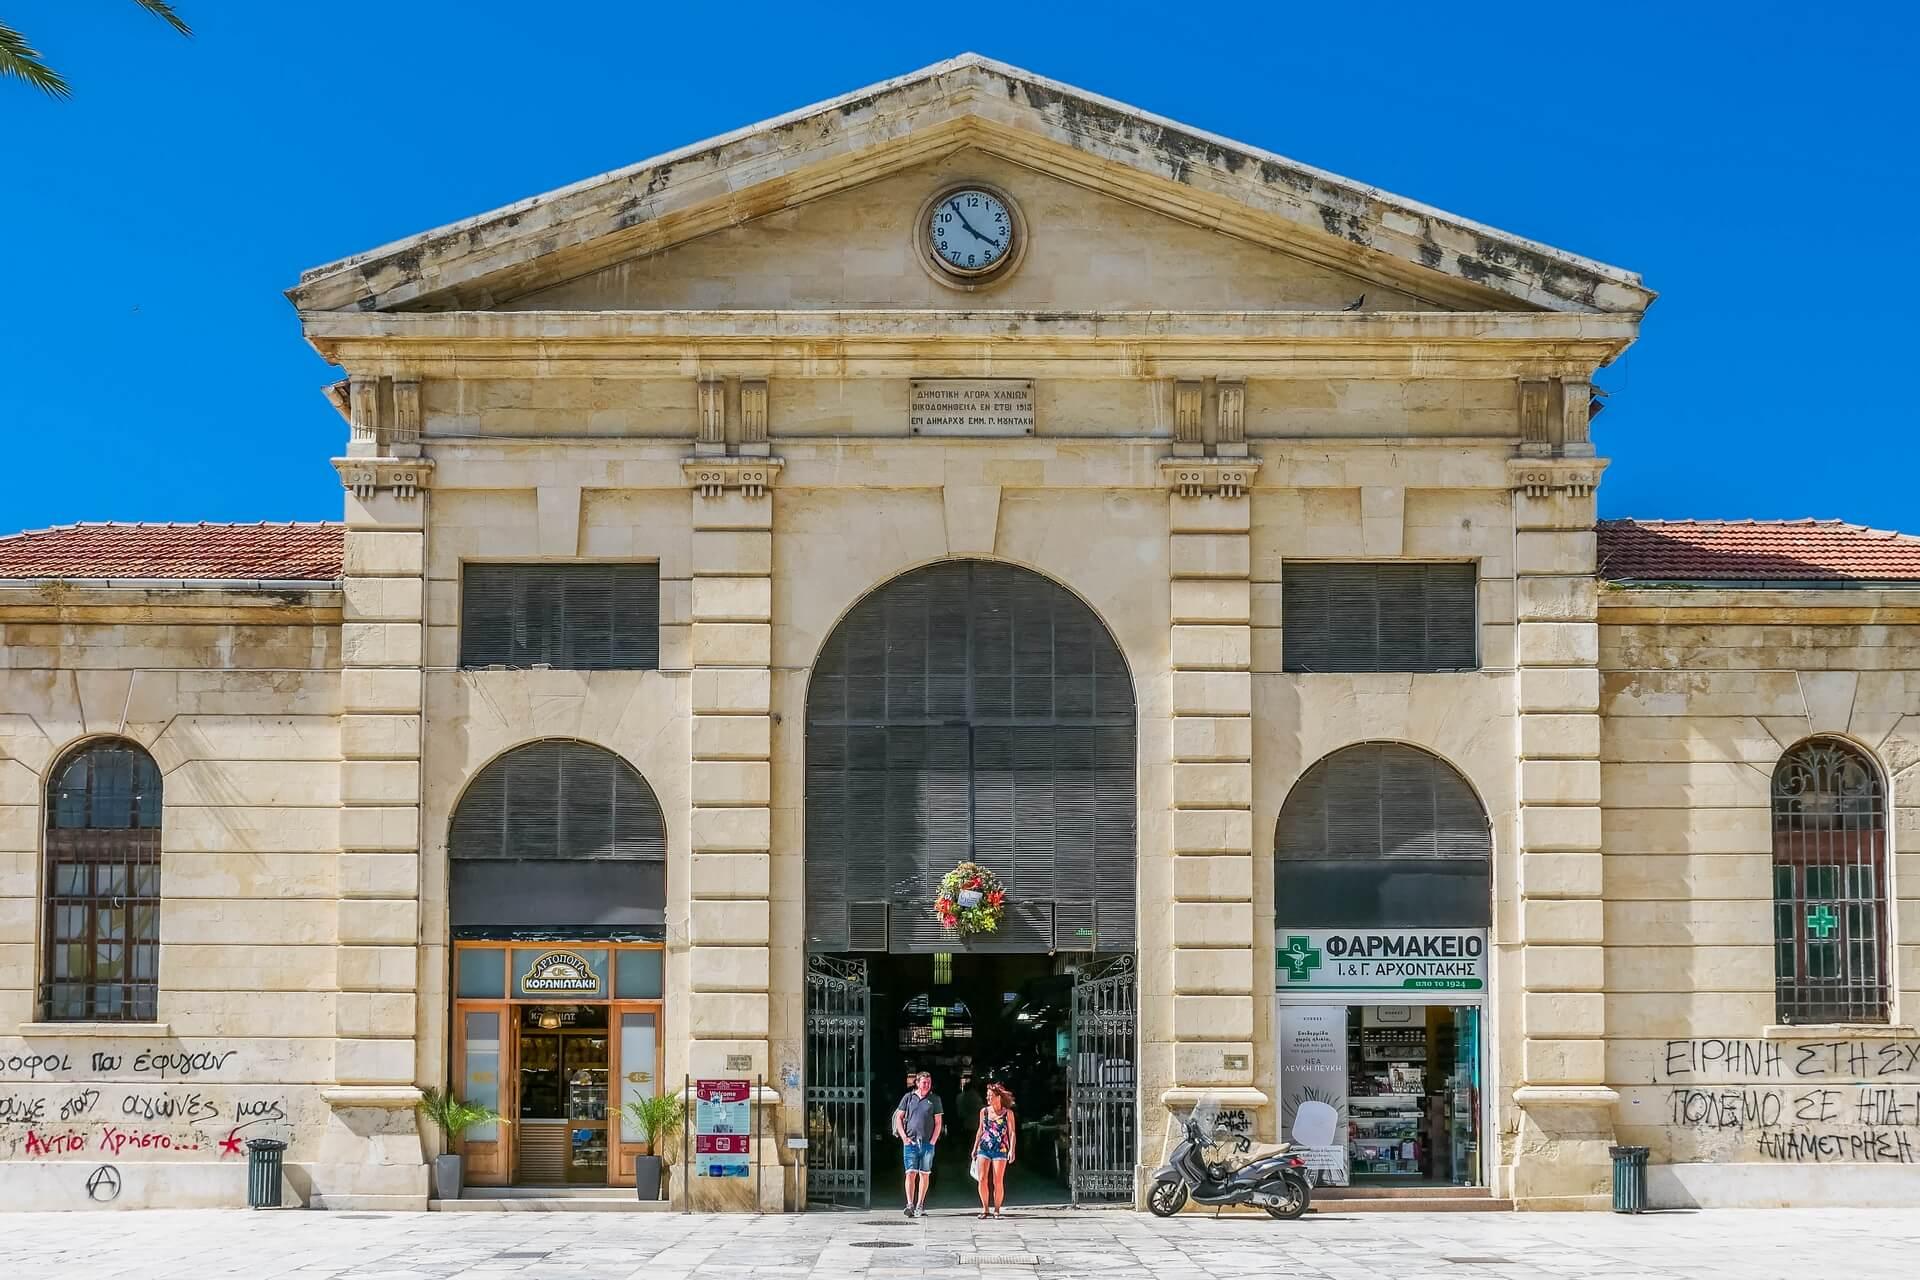 Chania Municipal Market Crete - allincrete.com